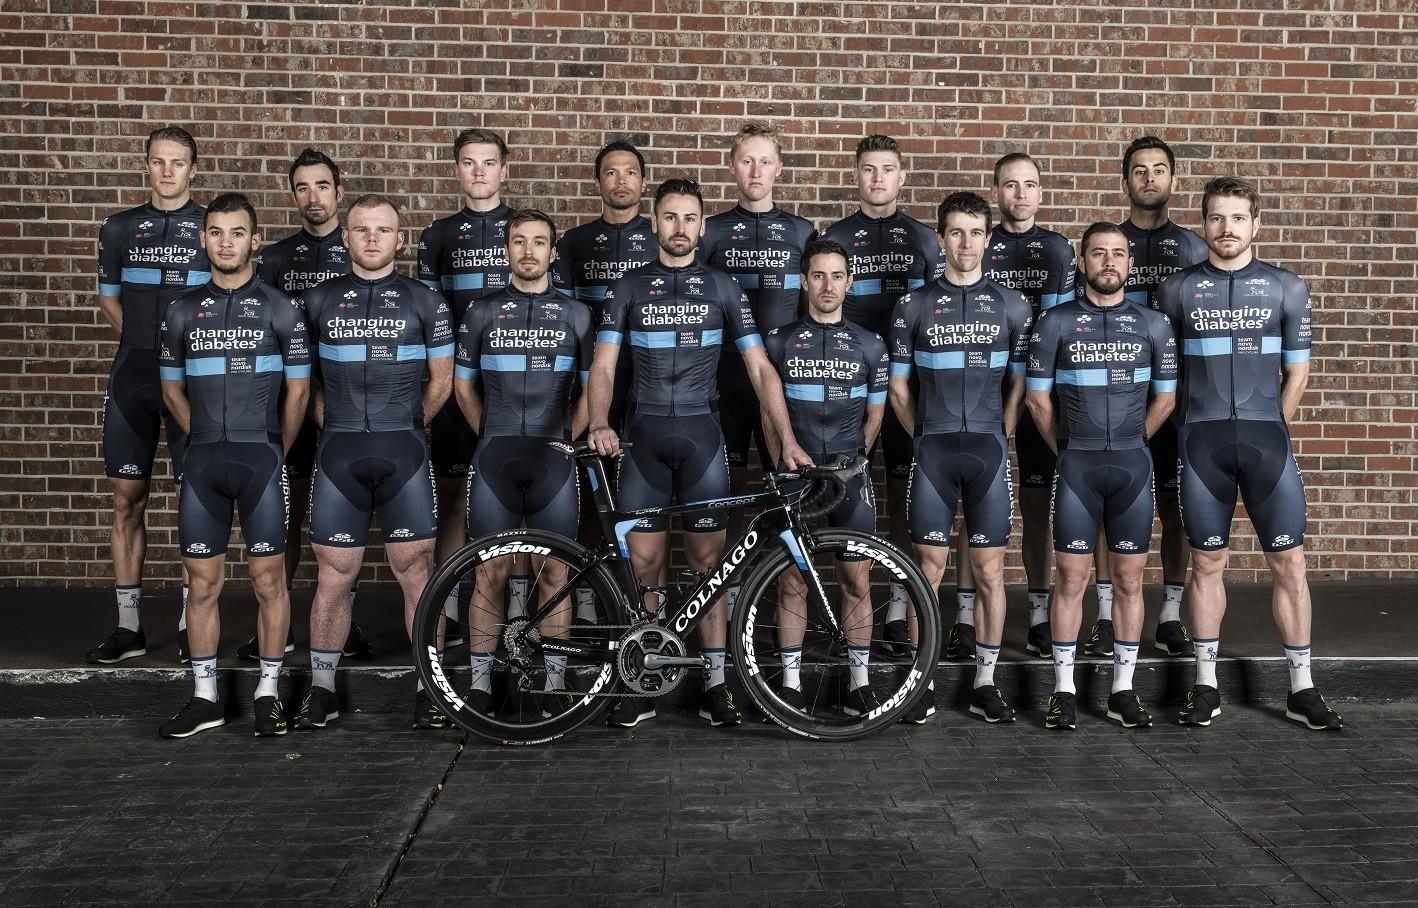 Kerékpárral küzd egy cukorbeteg csapat a cukorbetegség ellen